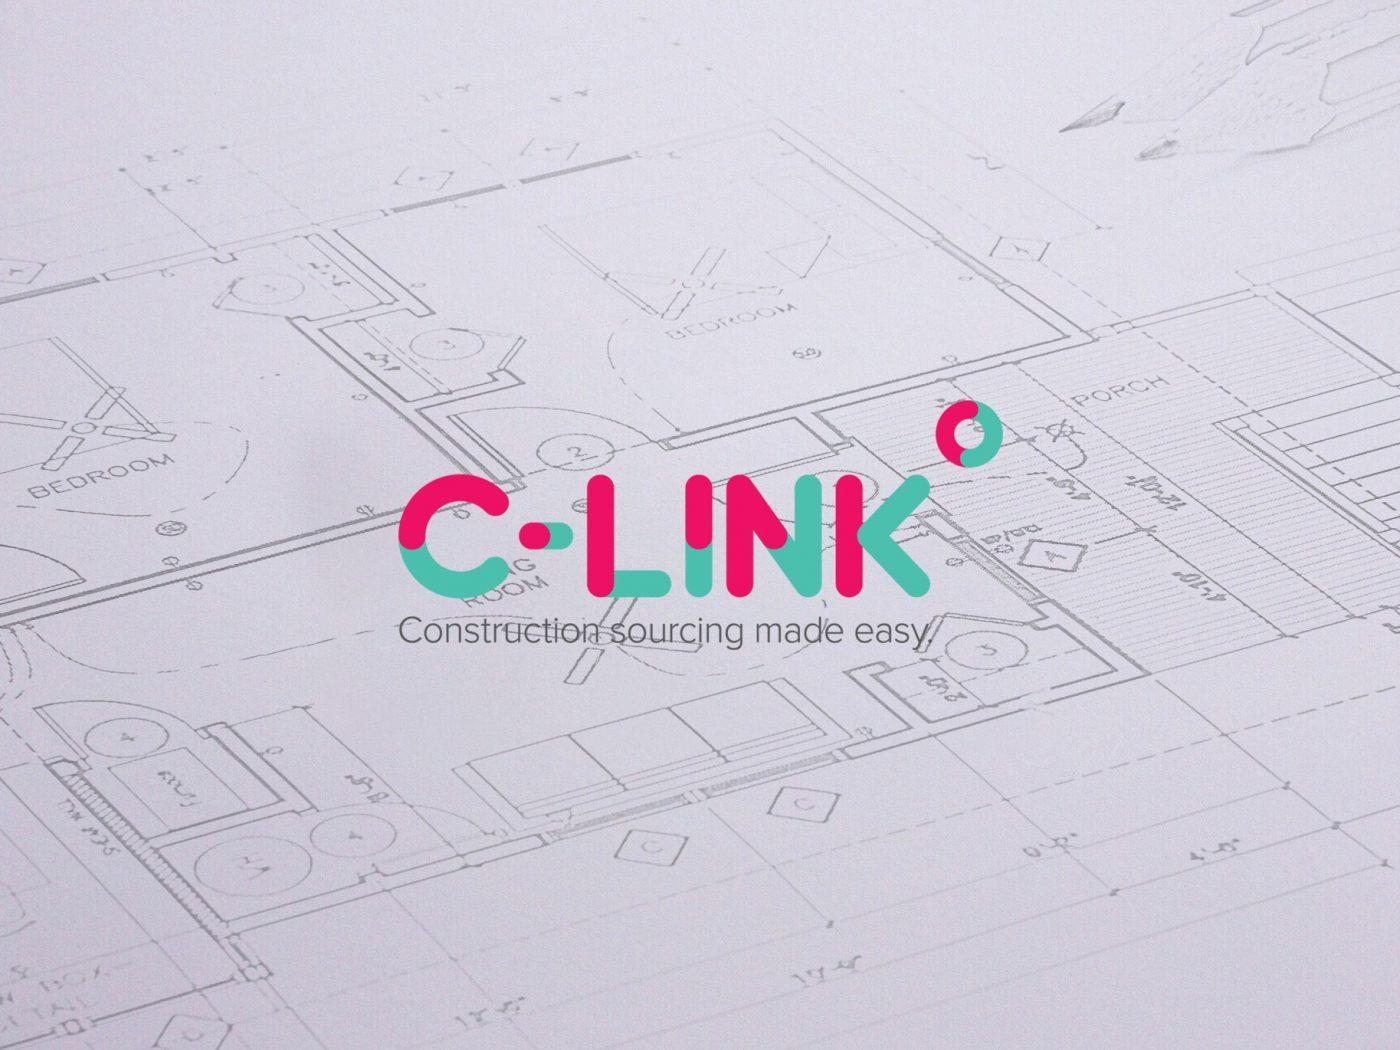 bg-clink-v2